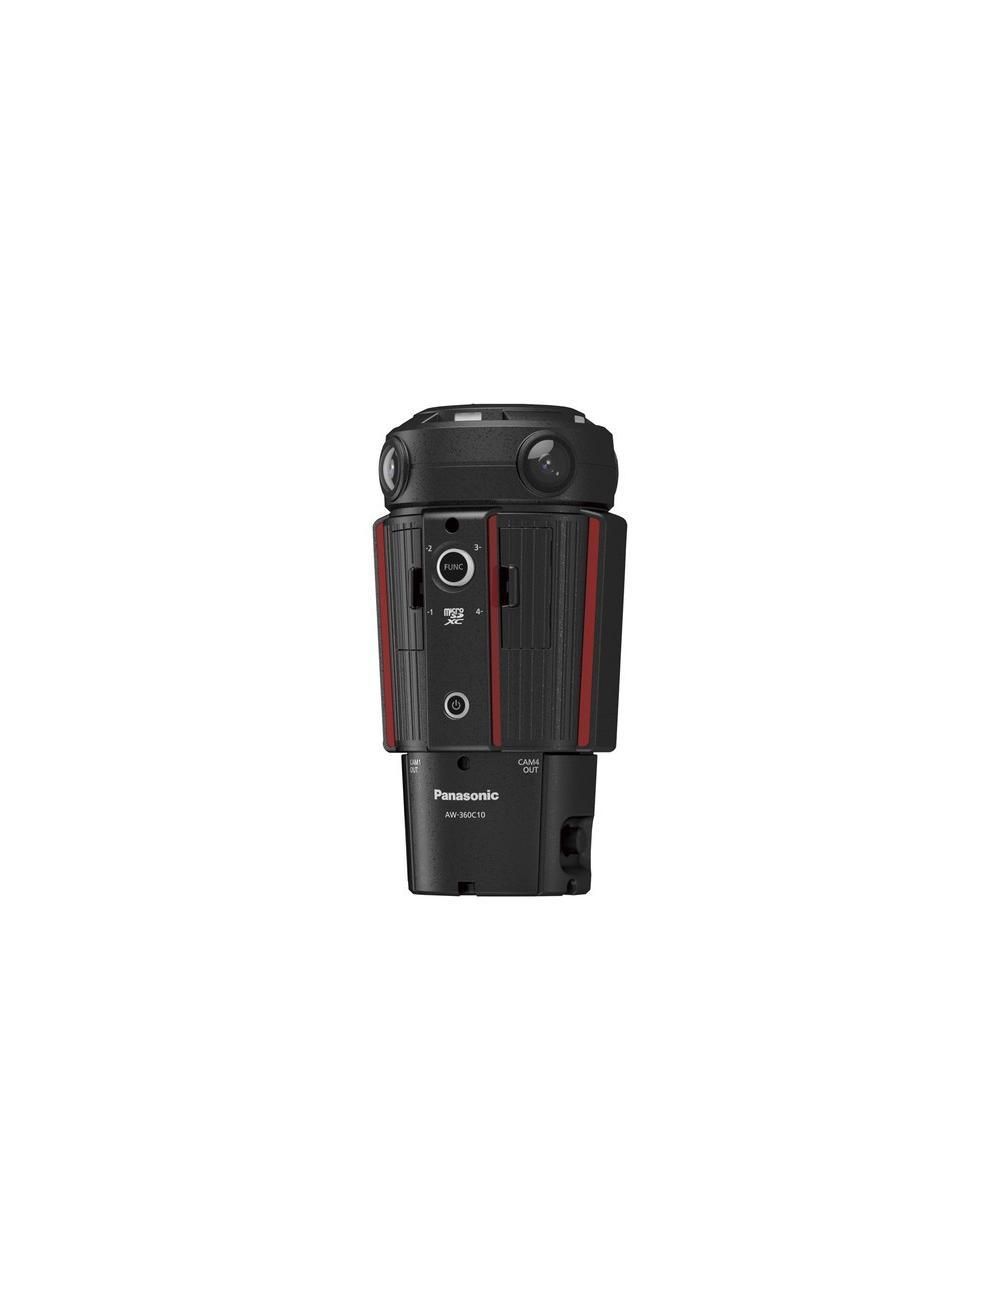 Panasonic AW-360C10